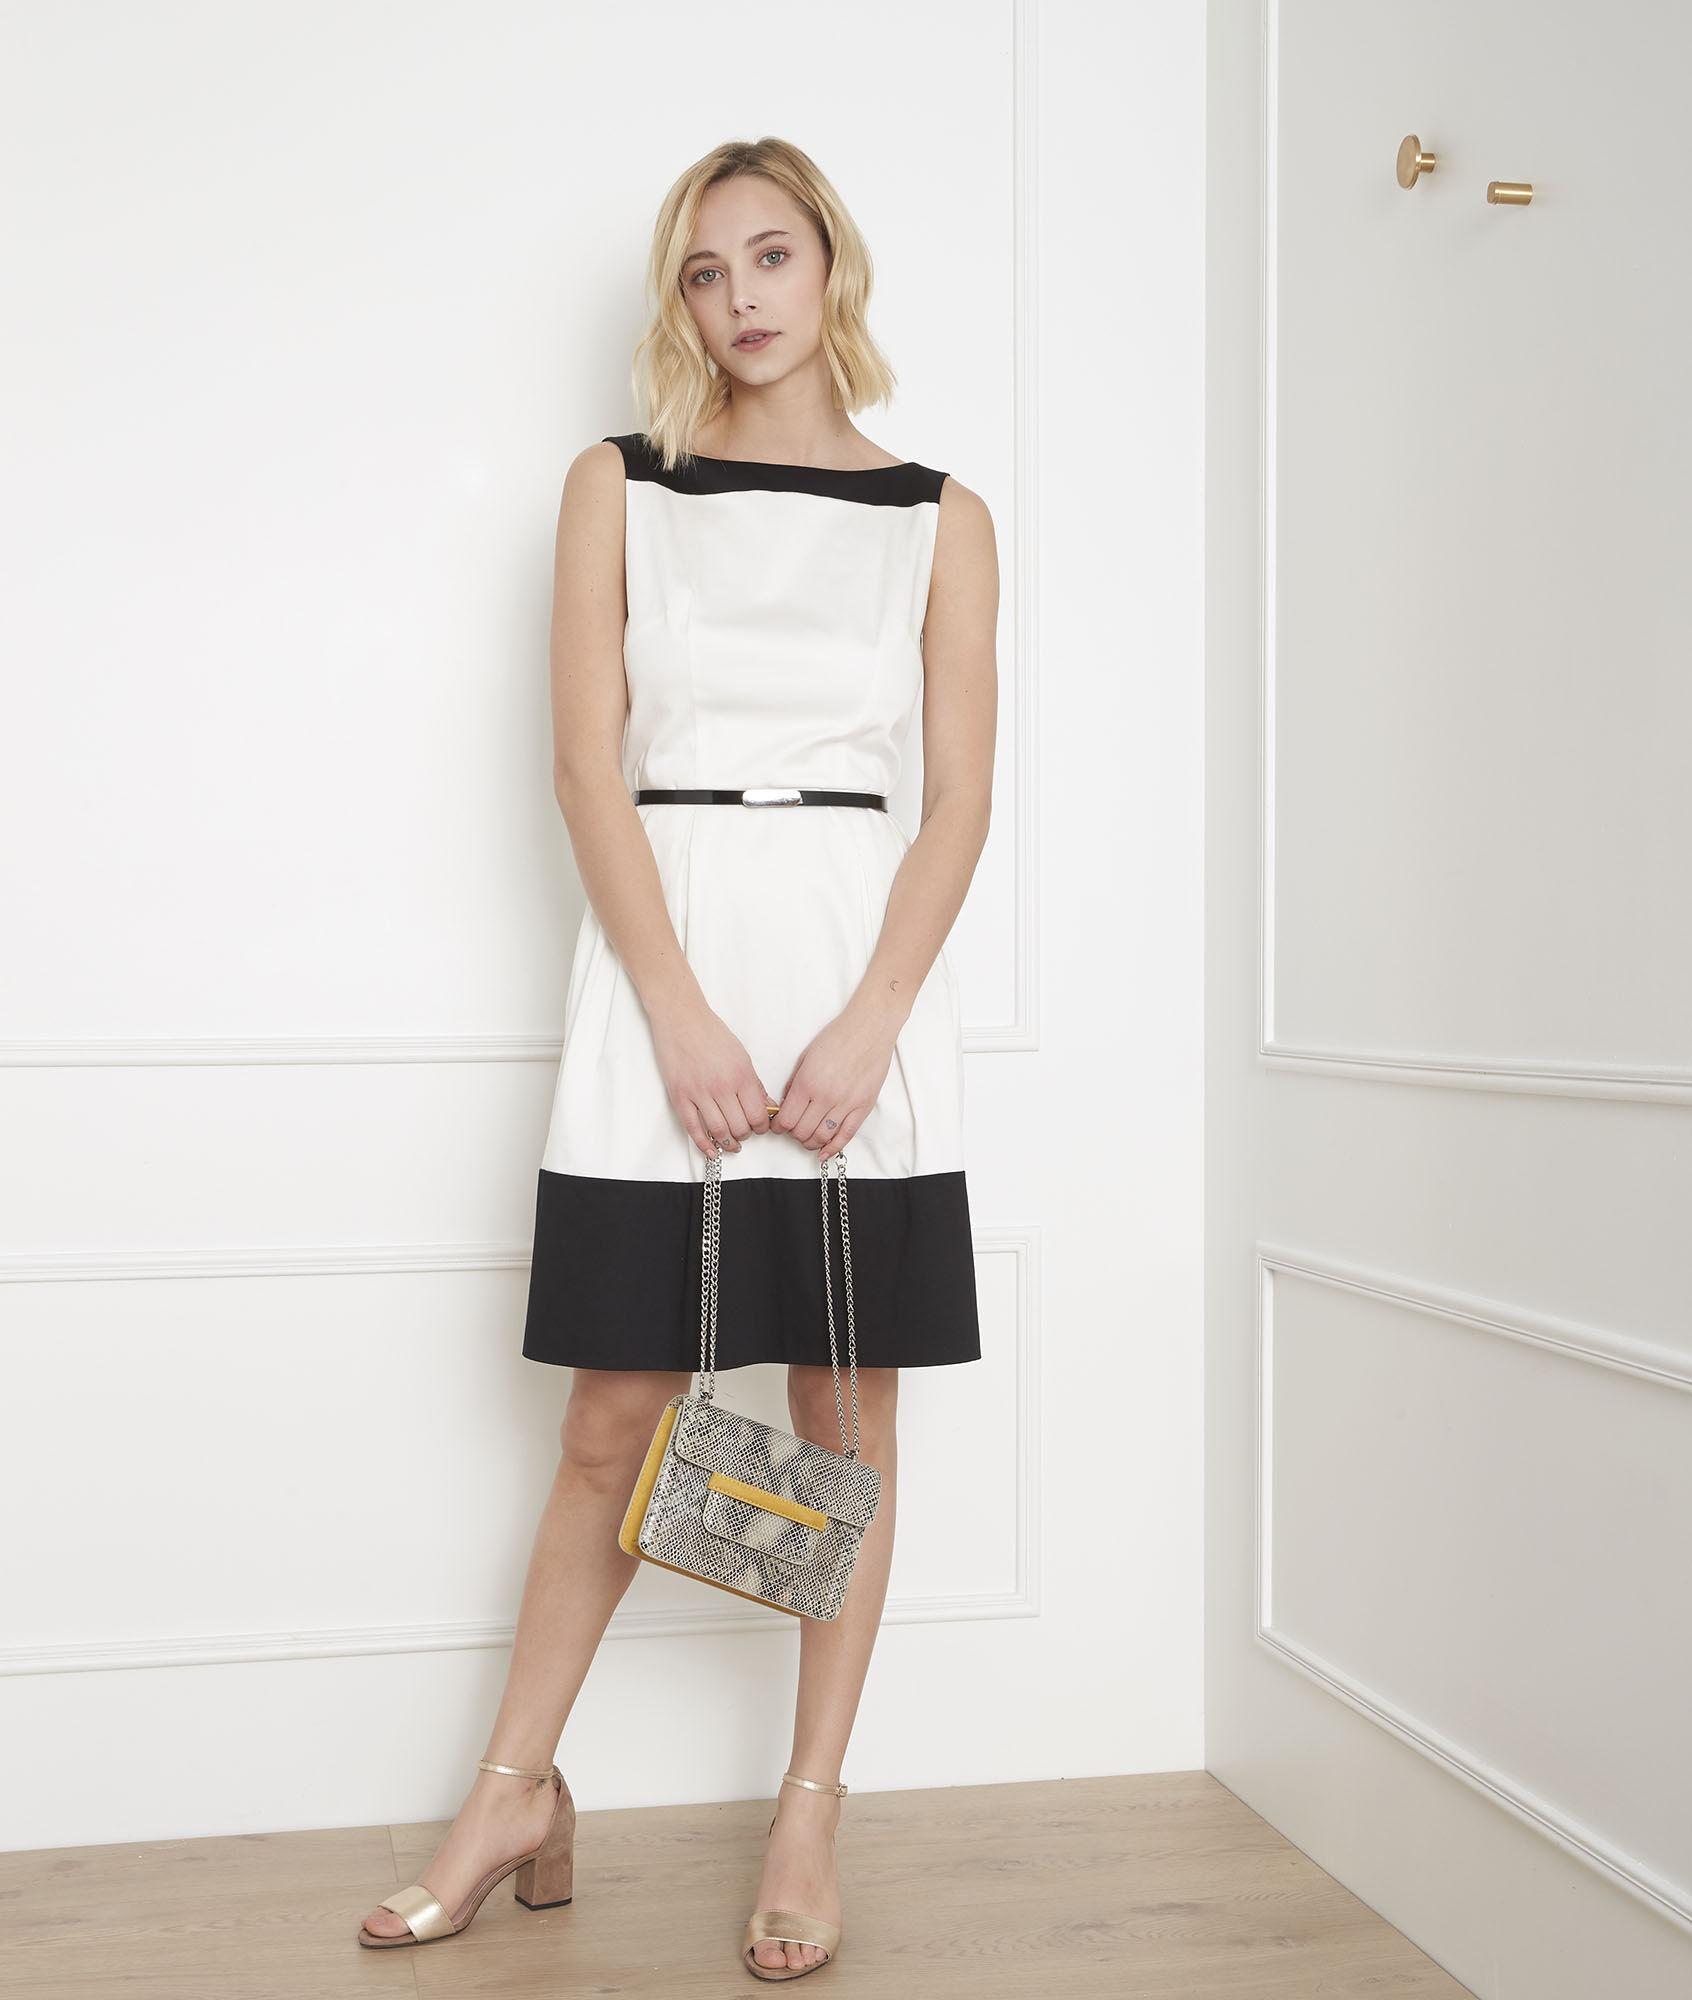 Weißes Kleid Colorblocking Weißes Hisis Colorblocking Kleid Schwarz Schwarz CeBorWdx